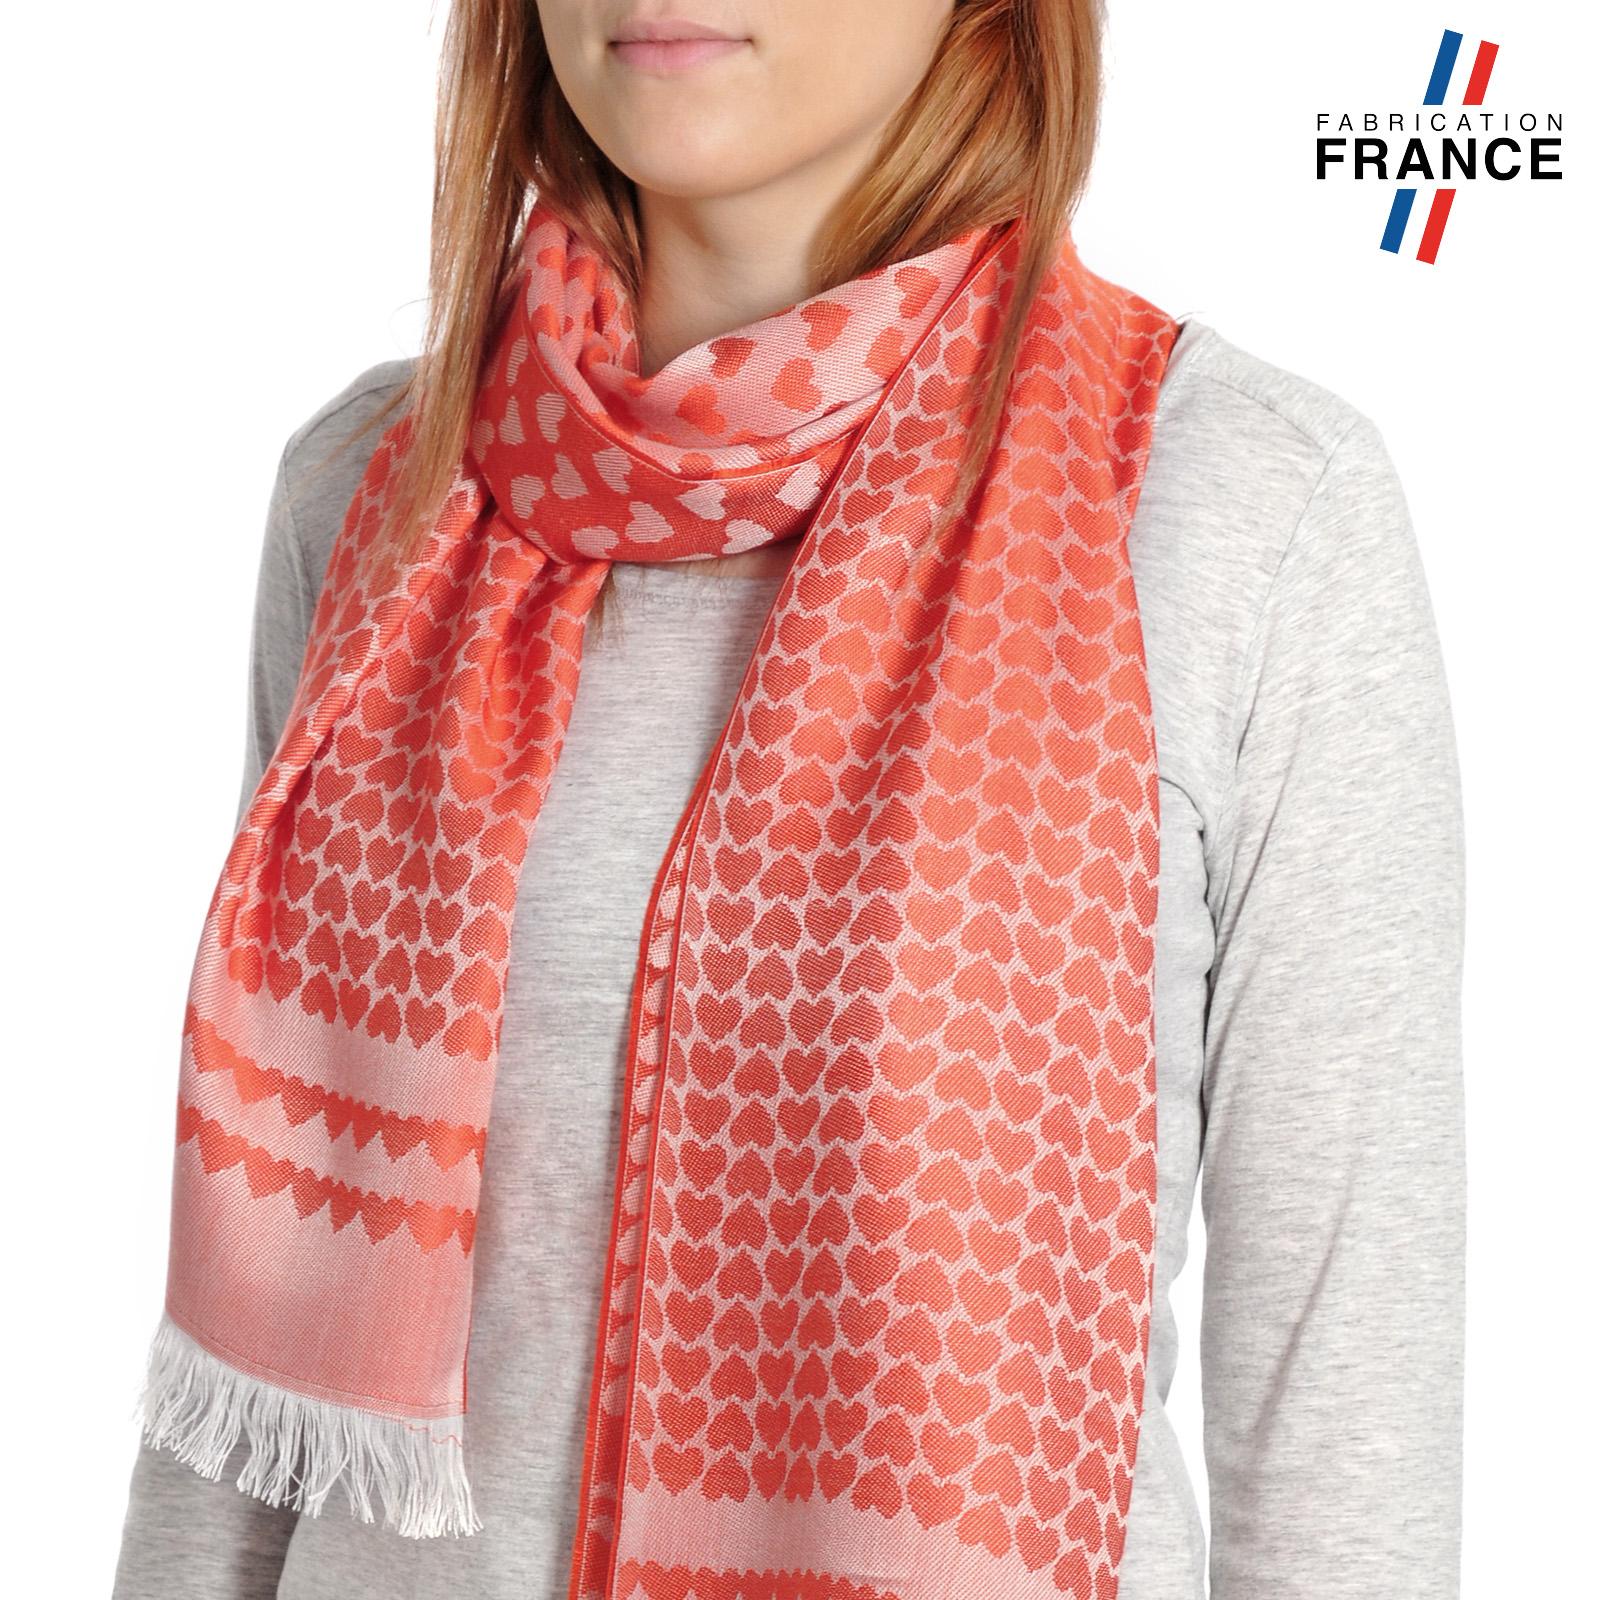 AT-04269-VF16-T-LB_FR-echarpe-femme-corail-coeurs